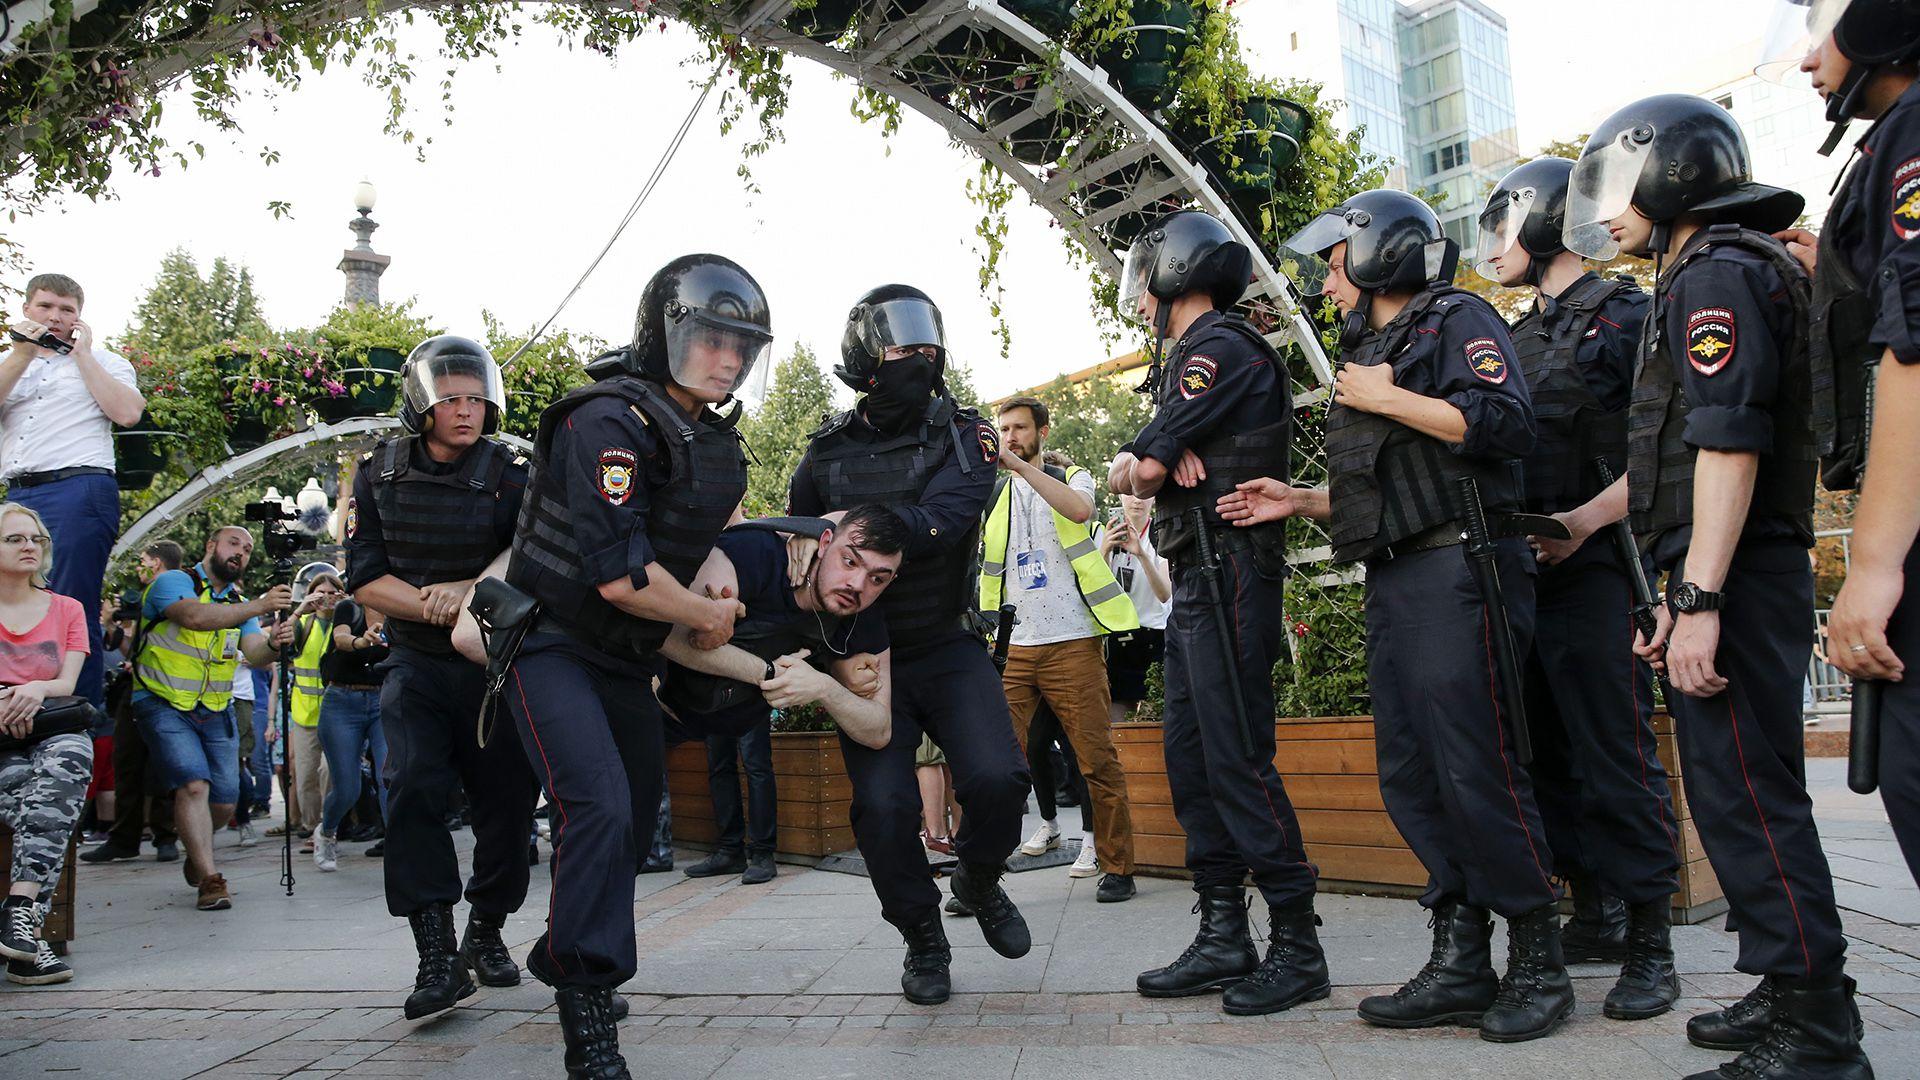 La policía reprime a protestantes durante una marcha no autorizada, demandando la independencia y el permiso de candidatos opositores a postularse (AFP)